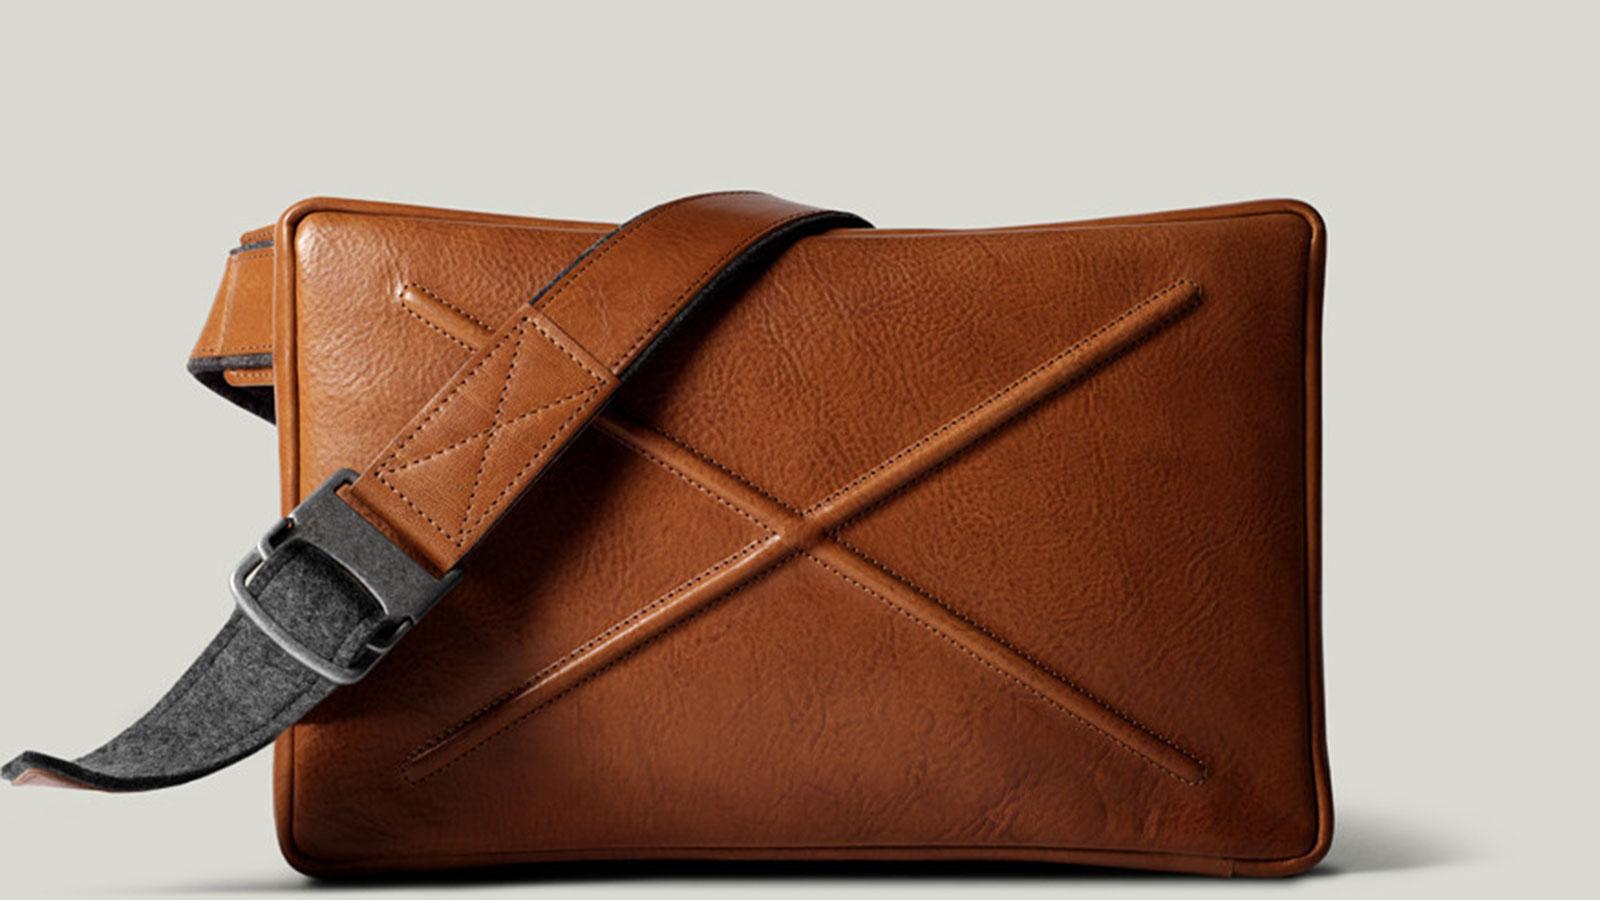 Hardgraft Flat Pack Messenger Bag | best messenger bags for men